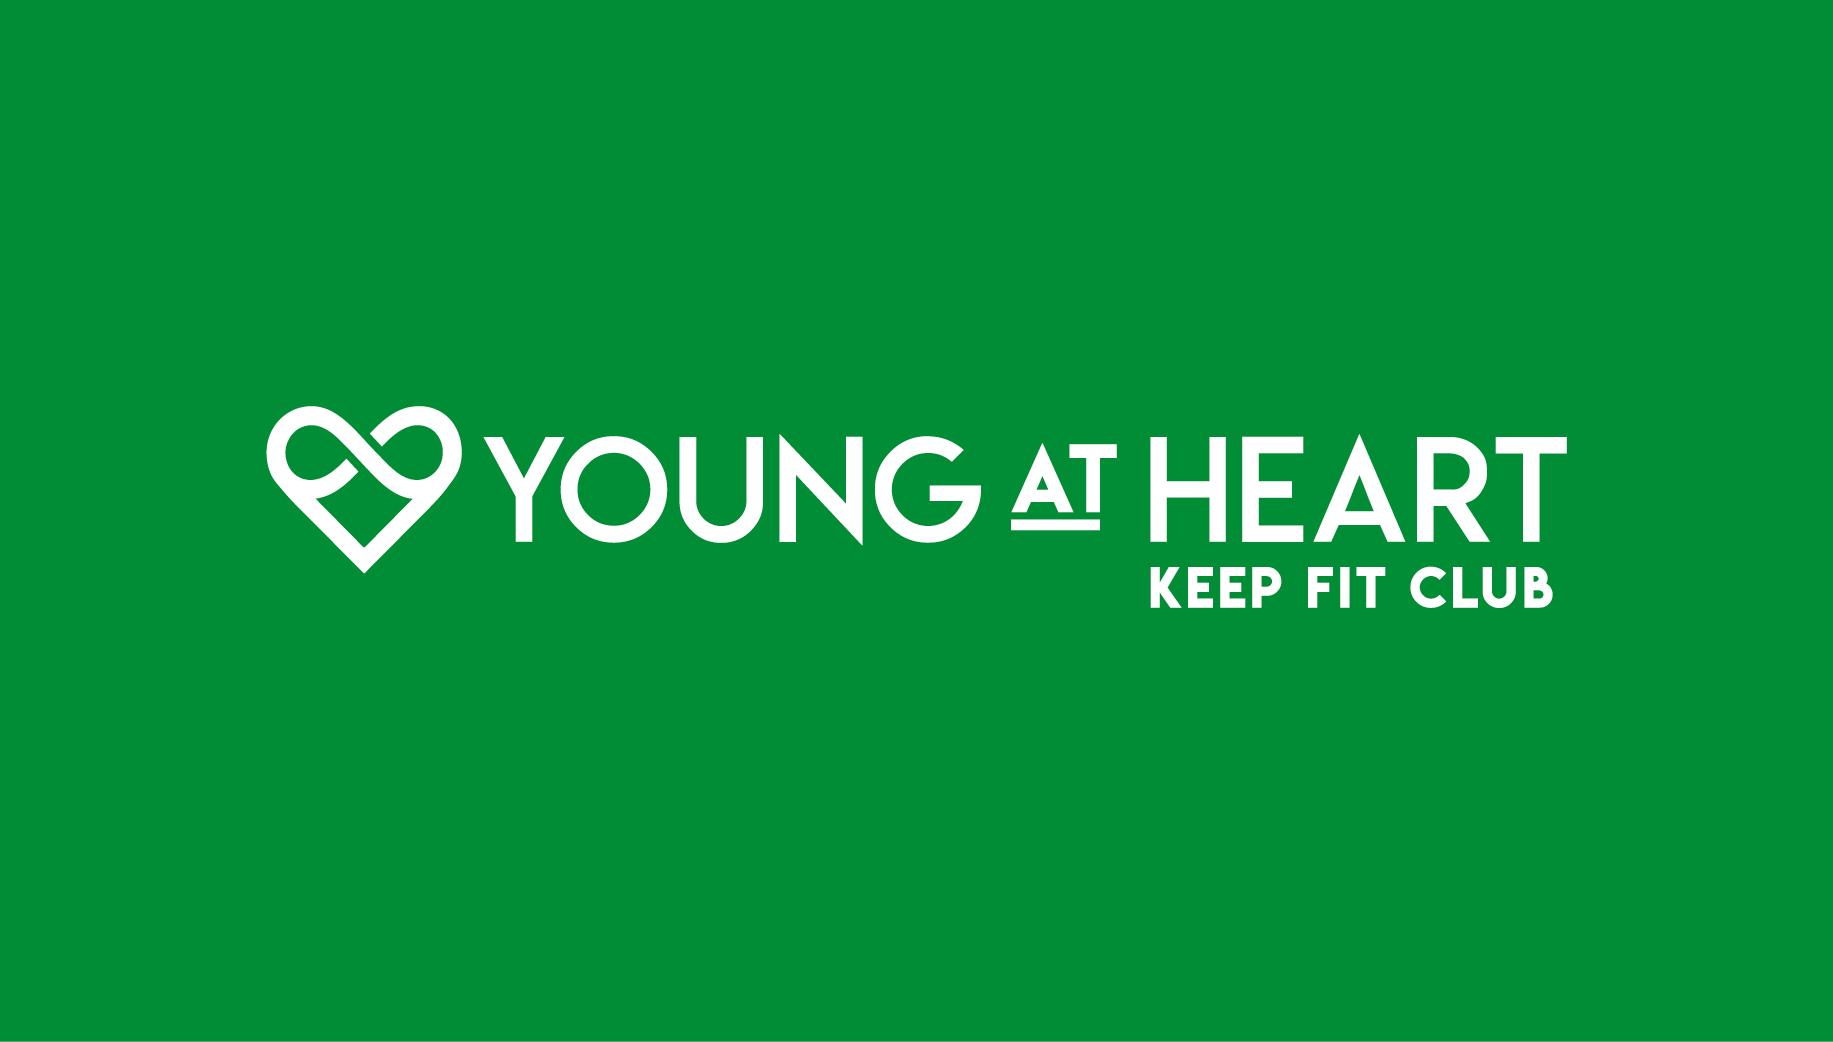 Young At Heart logo